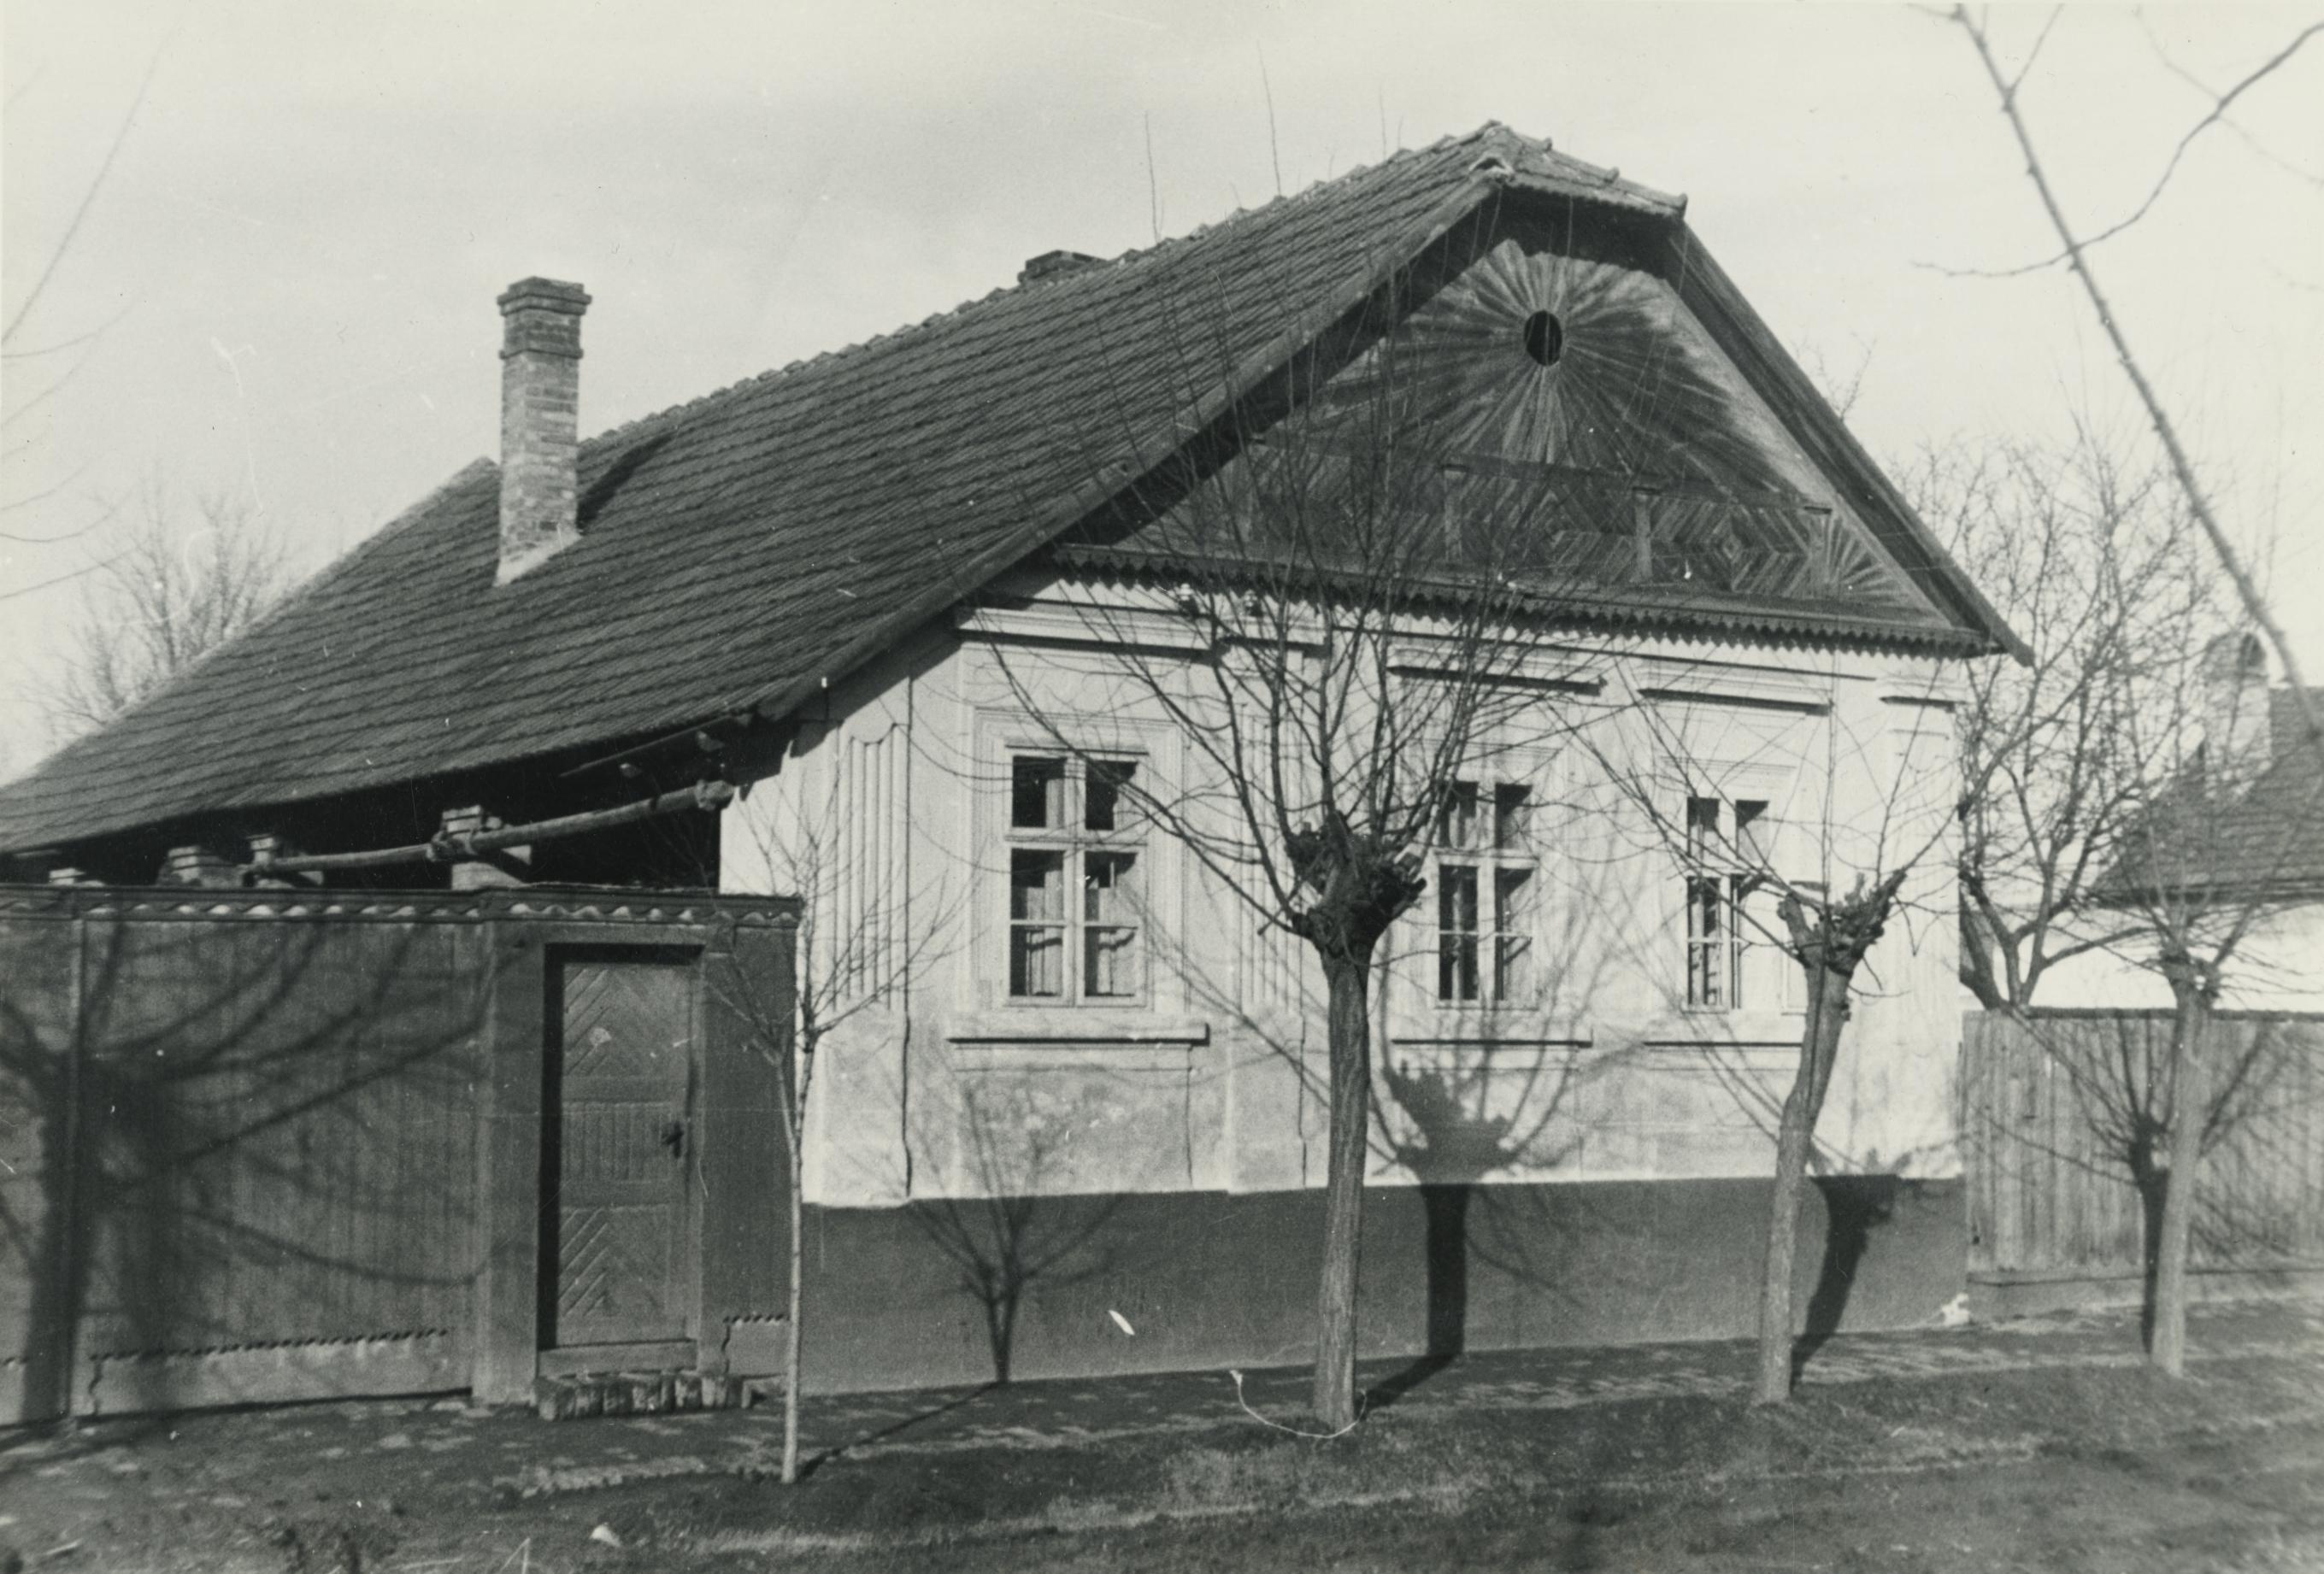 A szegedi Pásztor utca 63. számú parasztháza